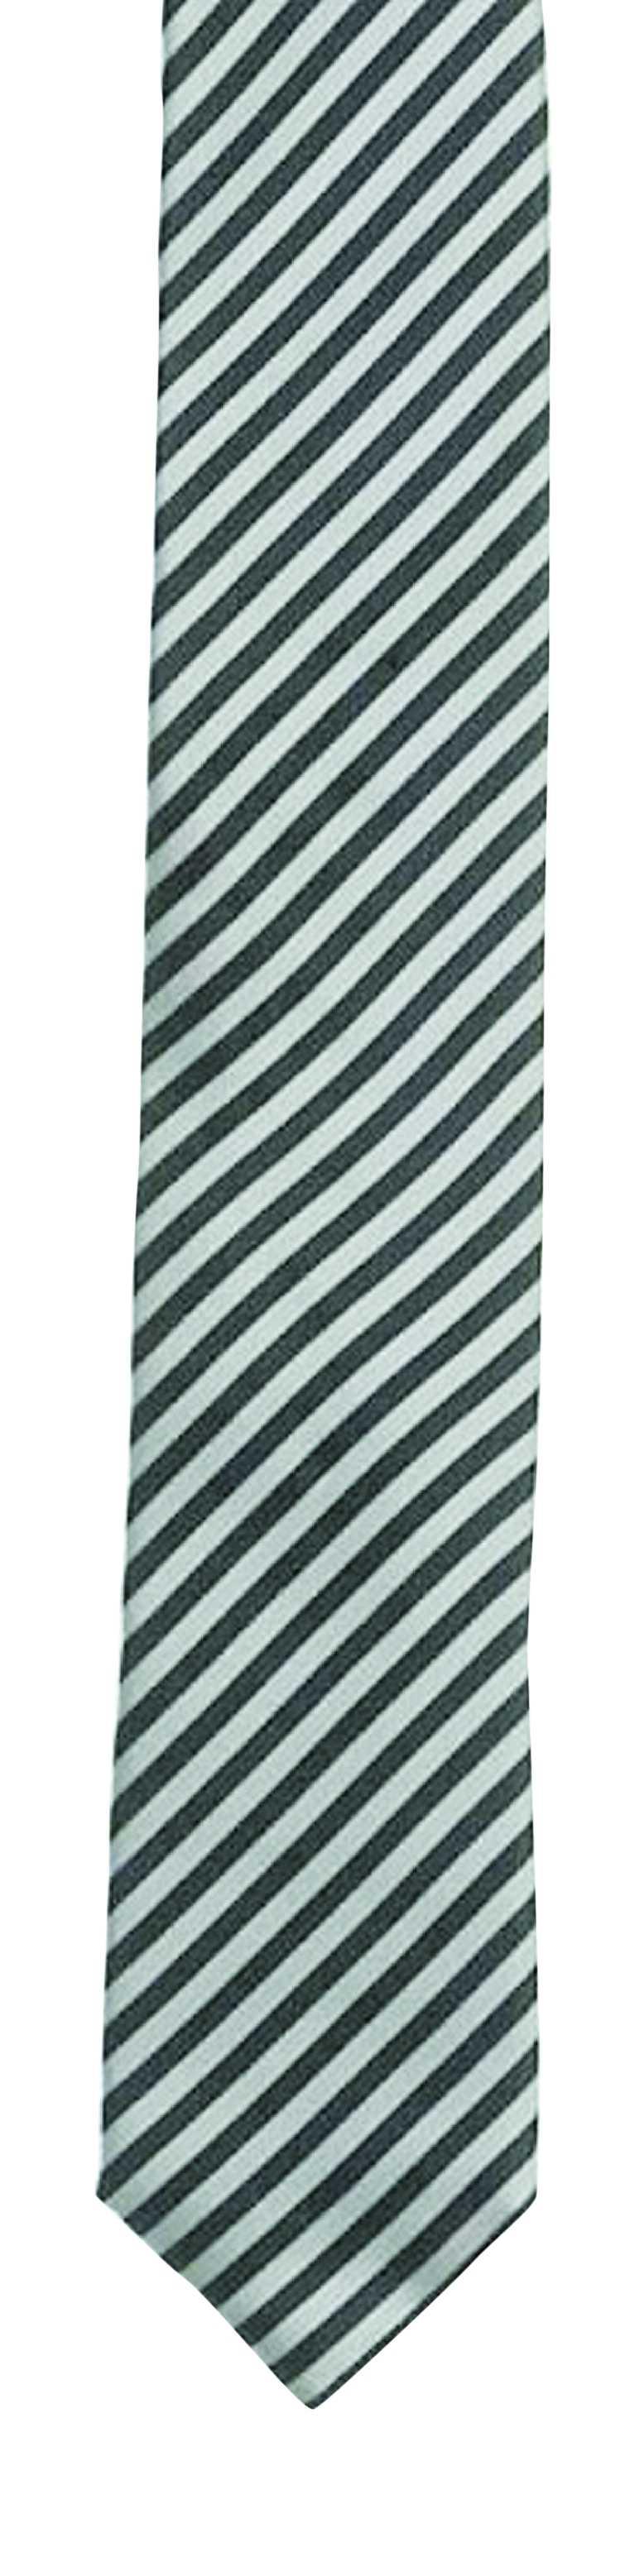 En enkel och snygg slips med grå och svarta ränder sätter stil på tillvaron. Den här köper du till pojkvännen för 277 kronor på www.smartguy.se